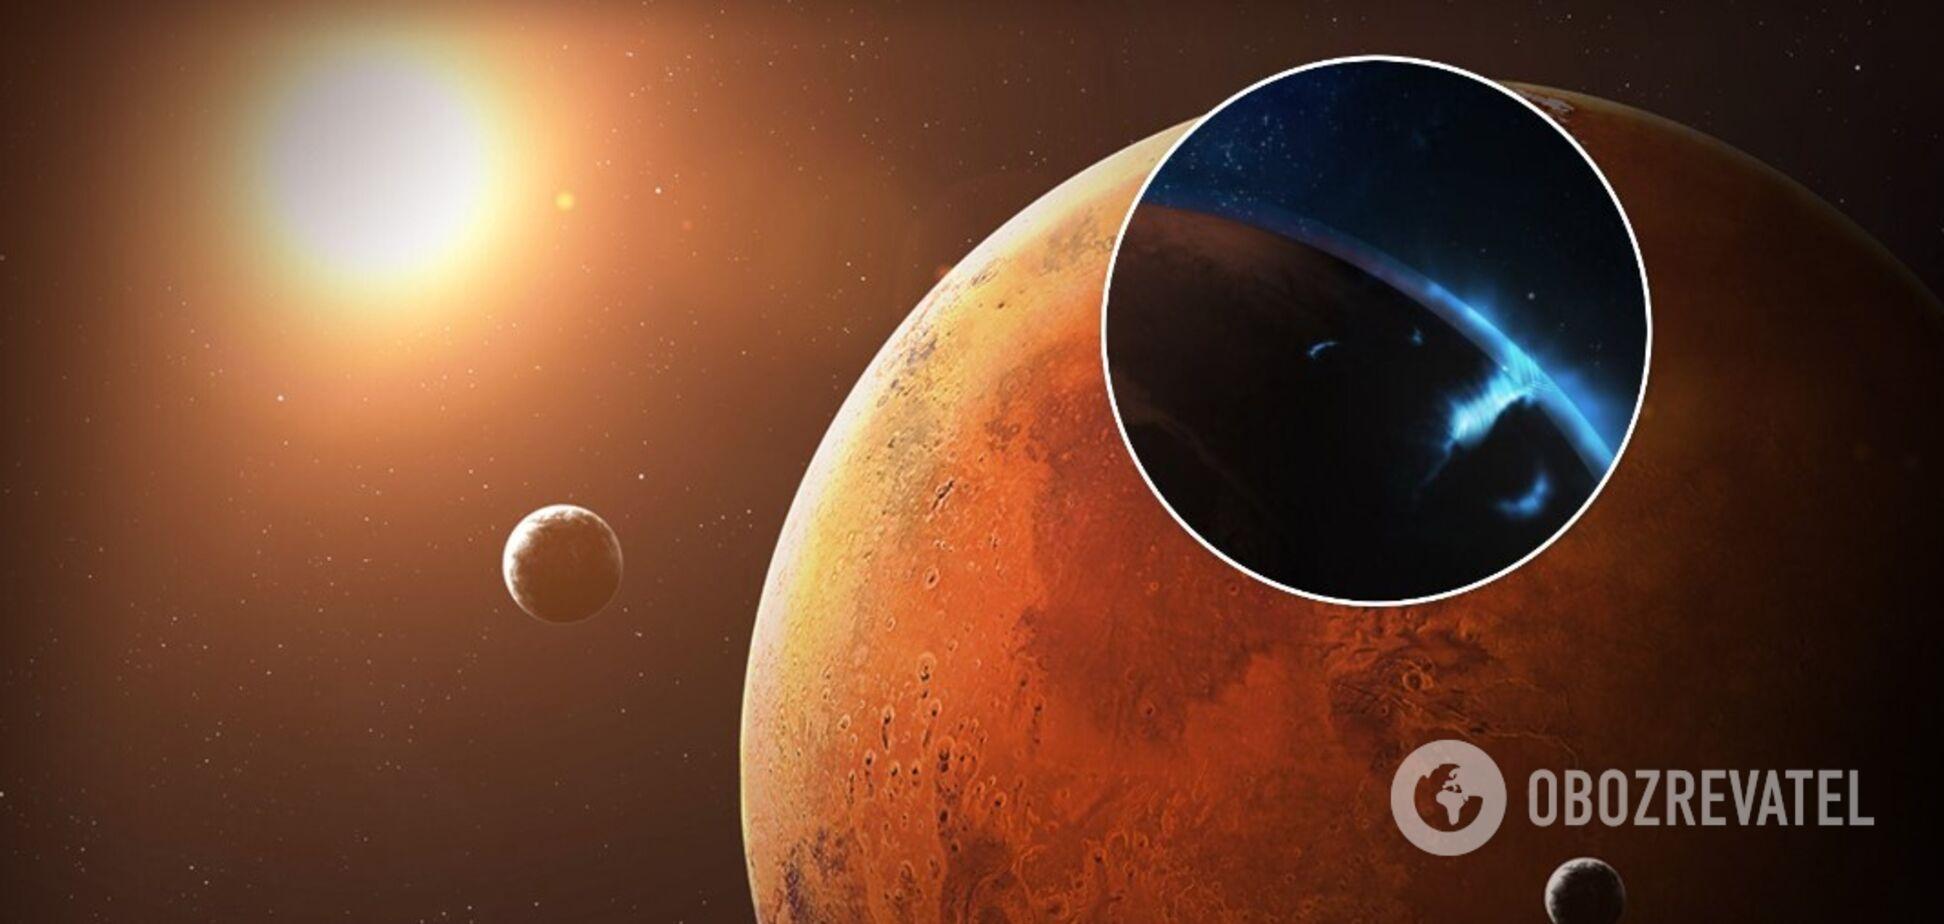 Марсіанський зонд ОАЕ зробив знімки сяйва